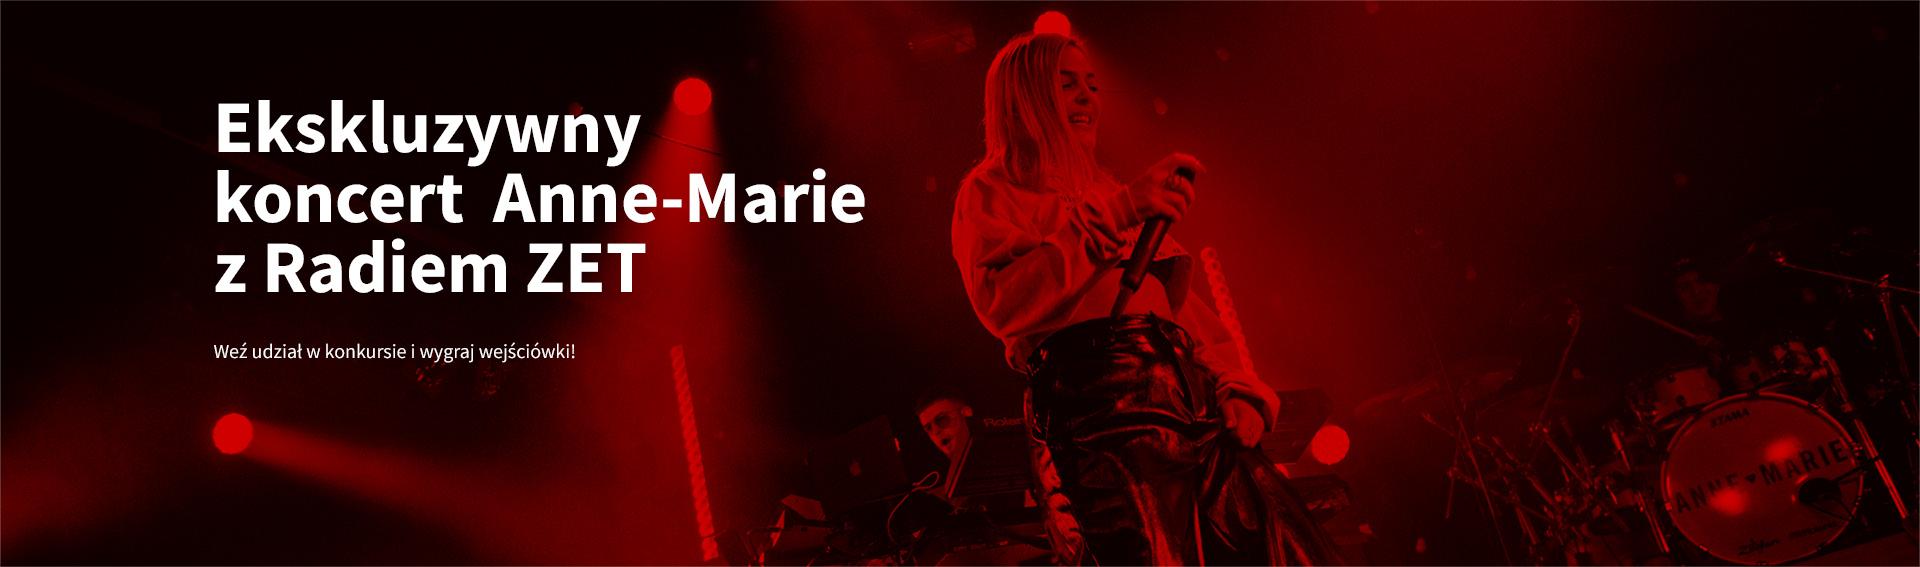 Zobacz ekskluzywny koncert Anne-Marie [ZAKOŃCZONY]